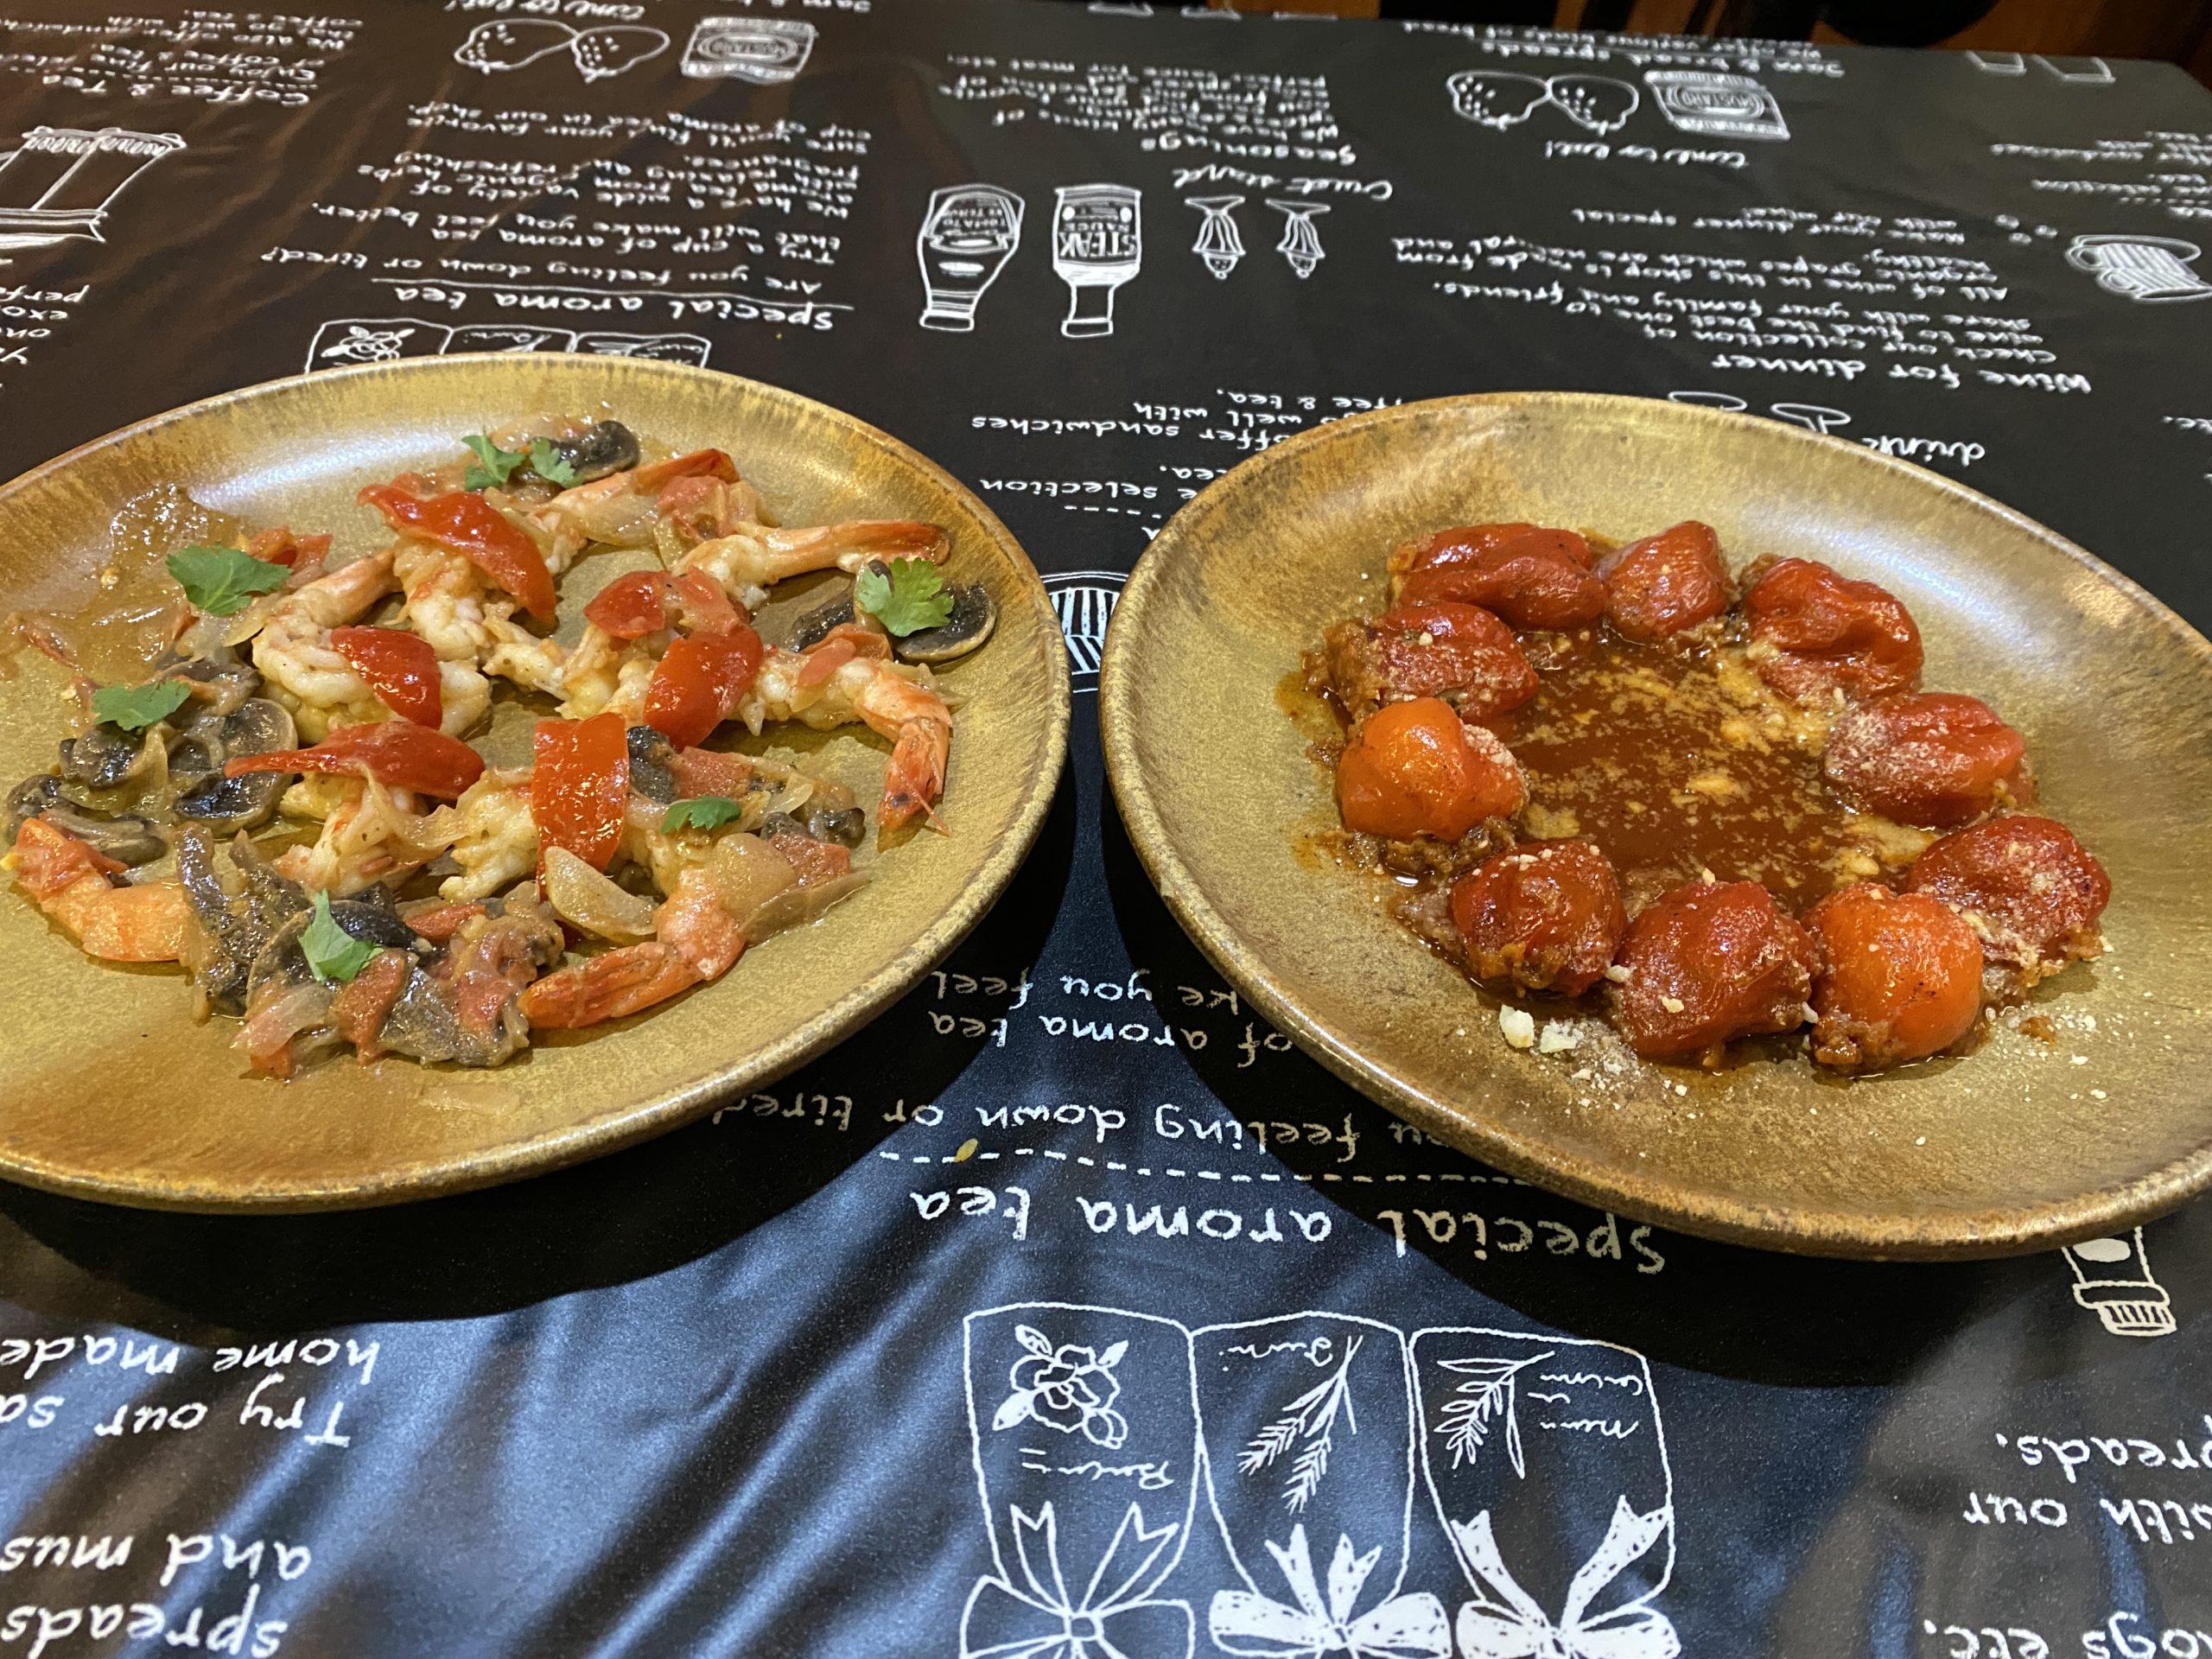 ハバネロのエビ炒め(左)とハバネロの肉詰め(右)